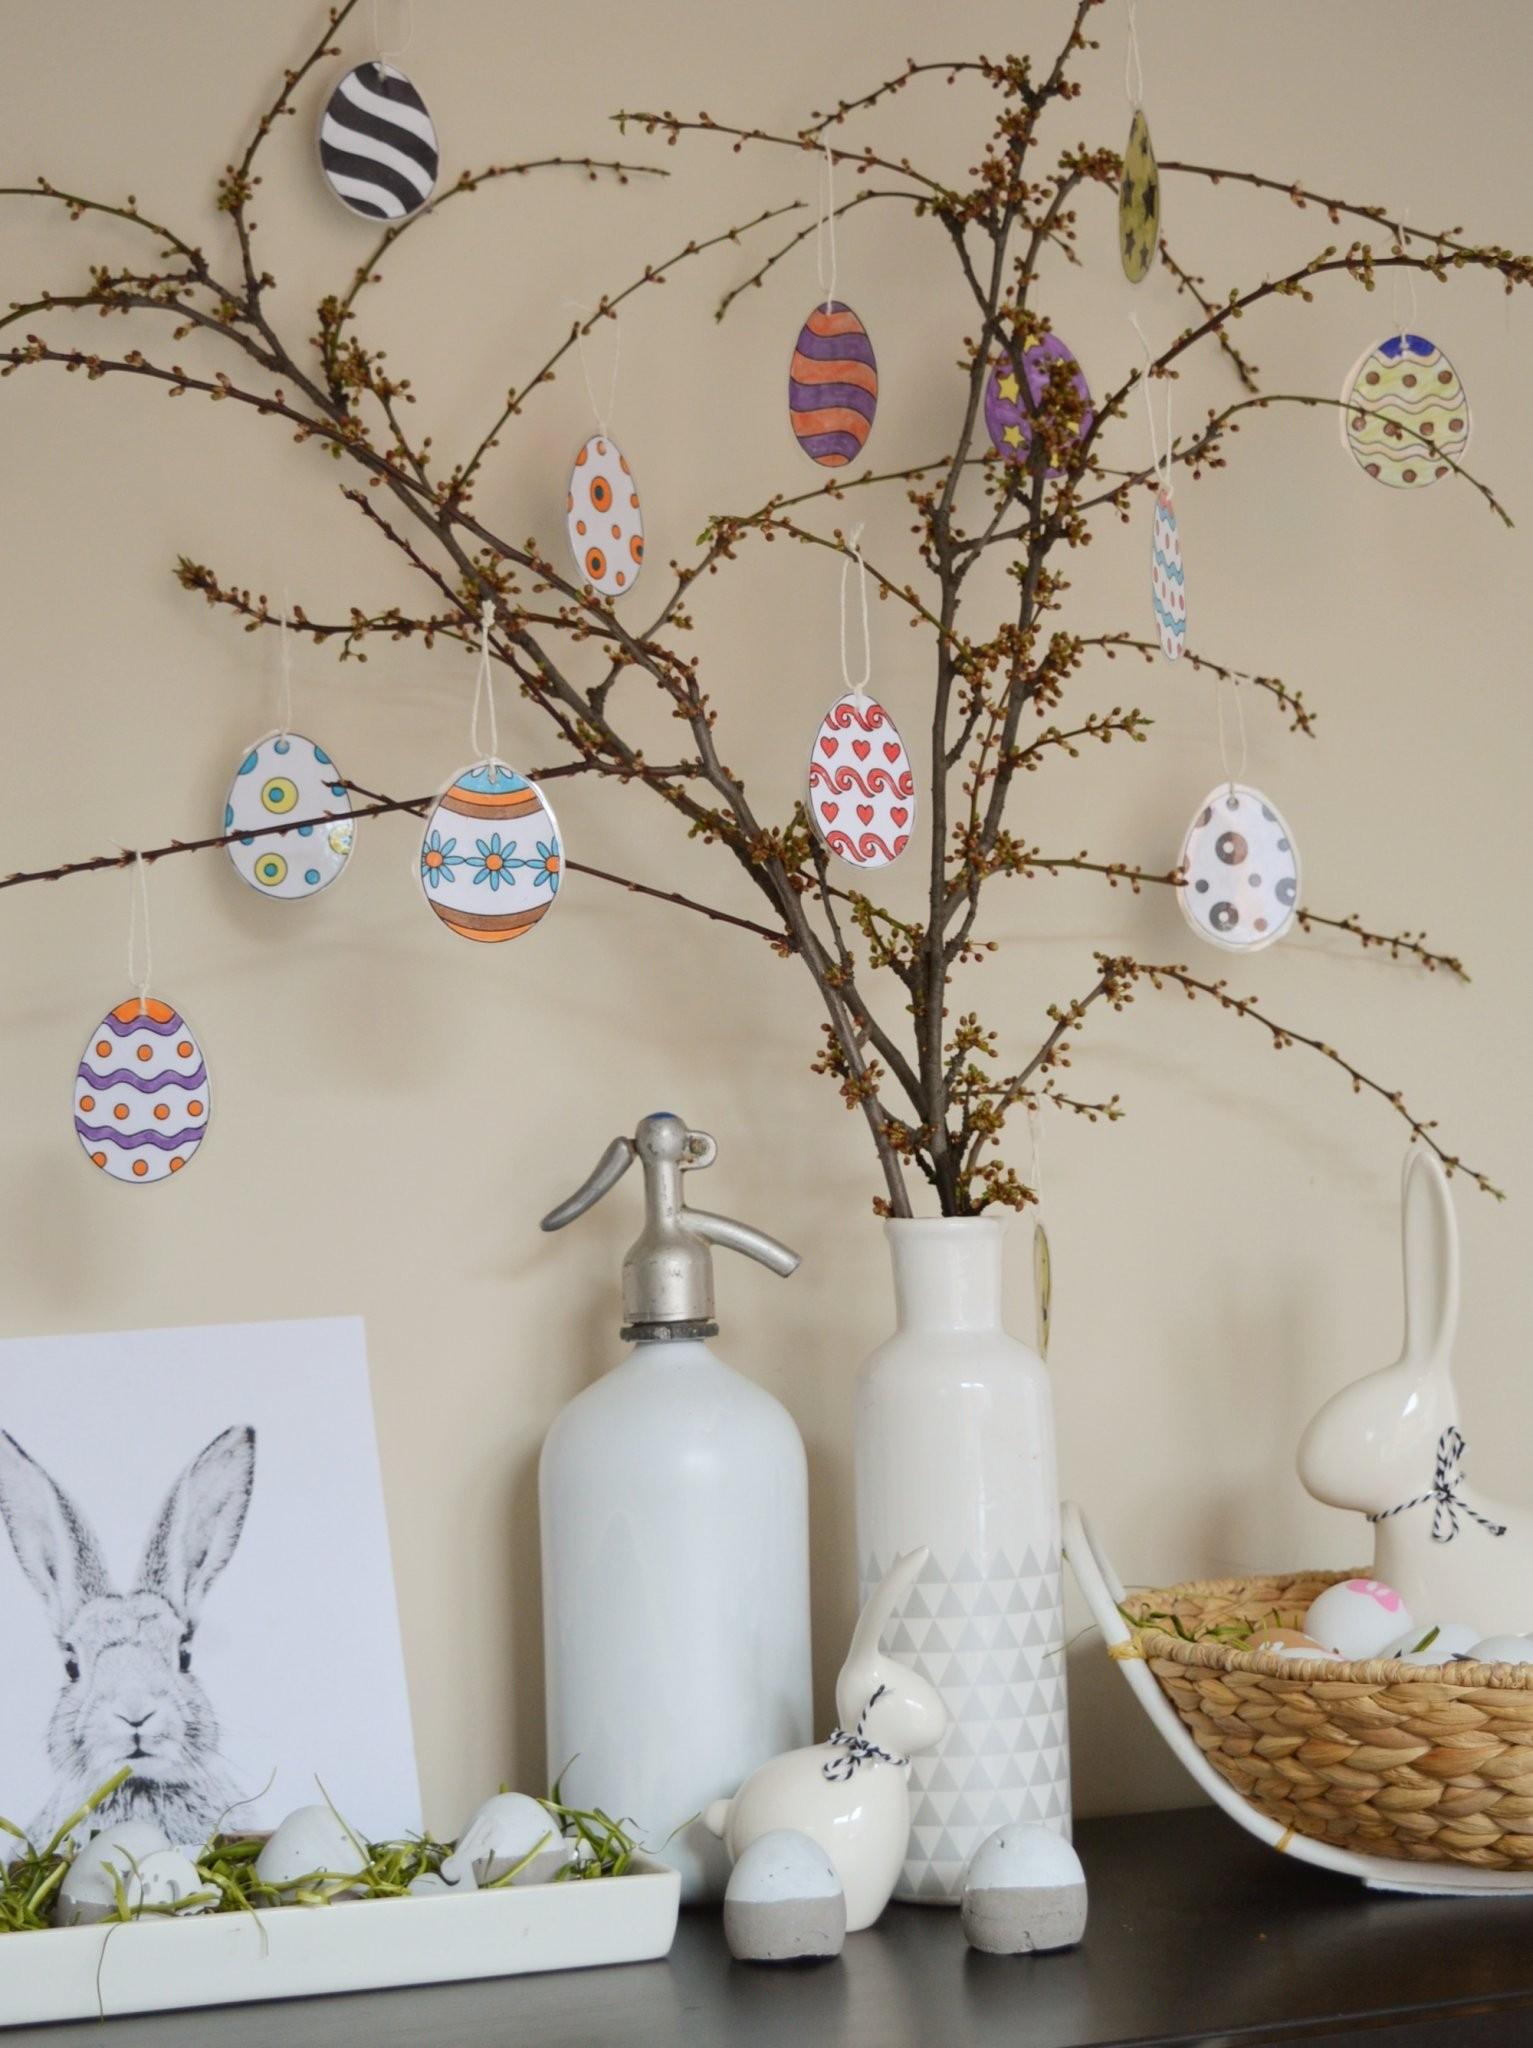 Saját Otthon Projekt: az elmúlt 5 év best of húsvéti ötletei egy csokorban